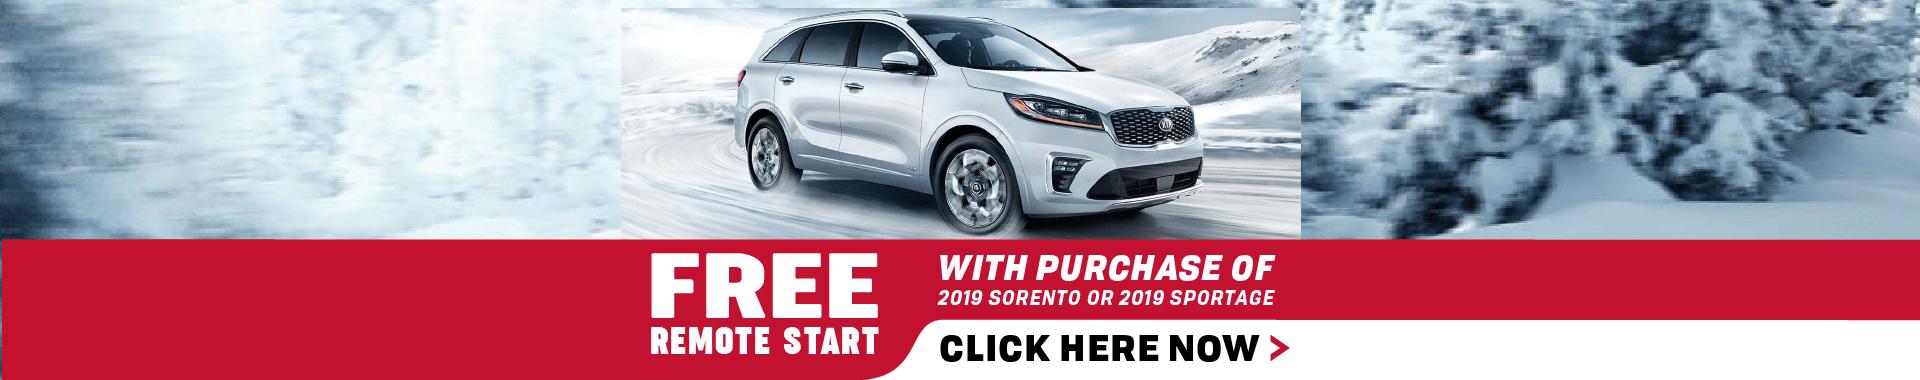 Free Remote Start - Sorento & Sportage